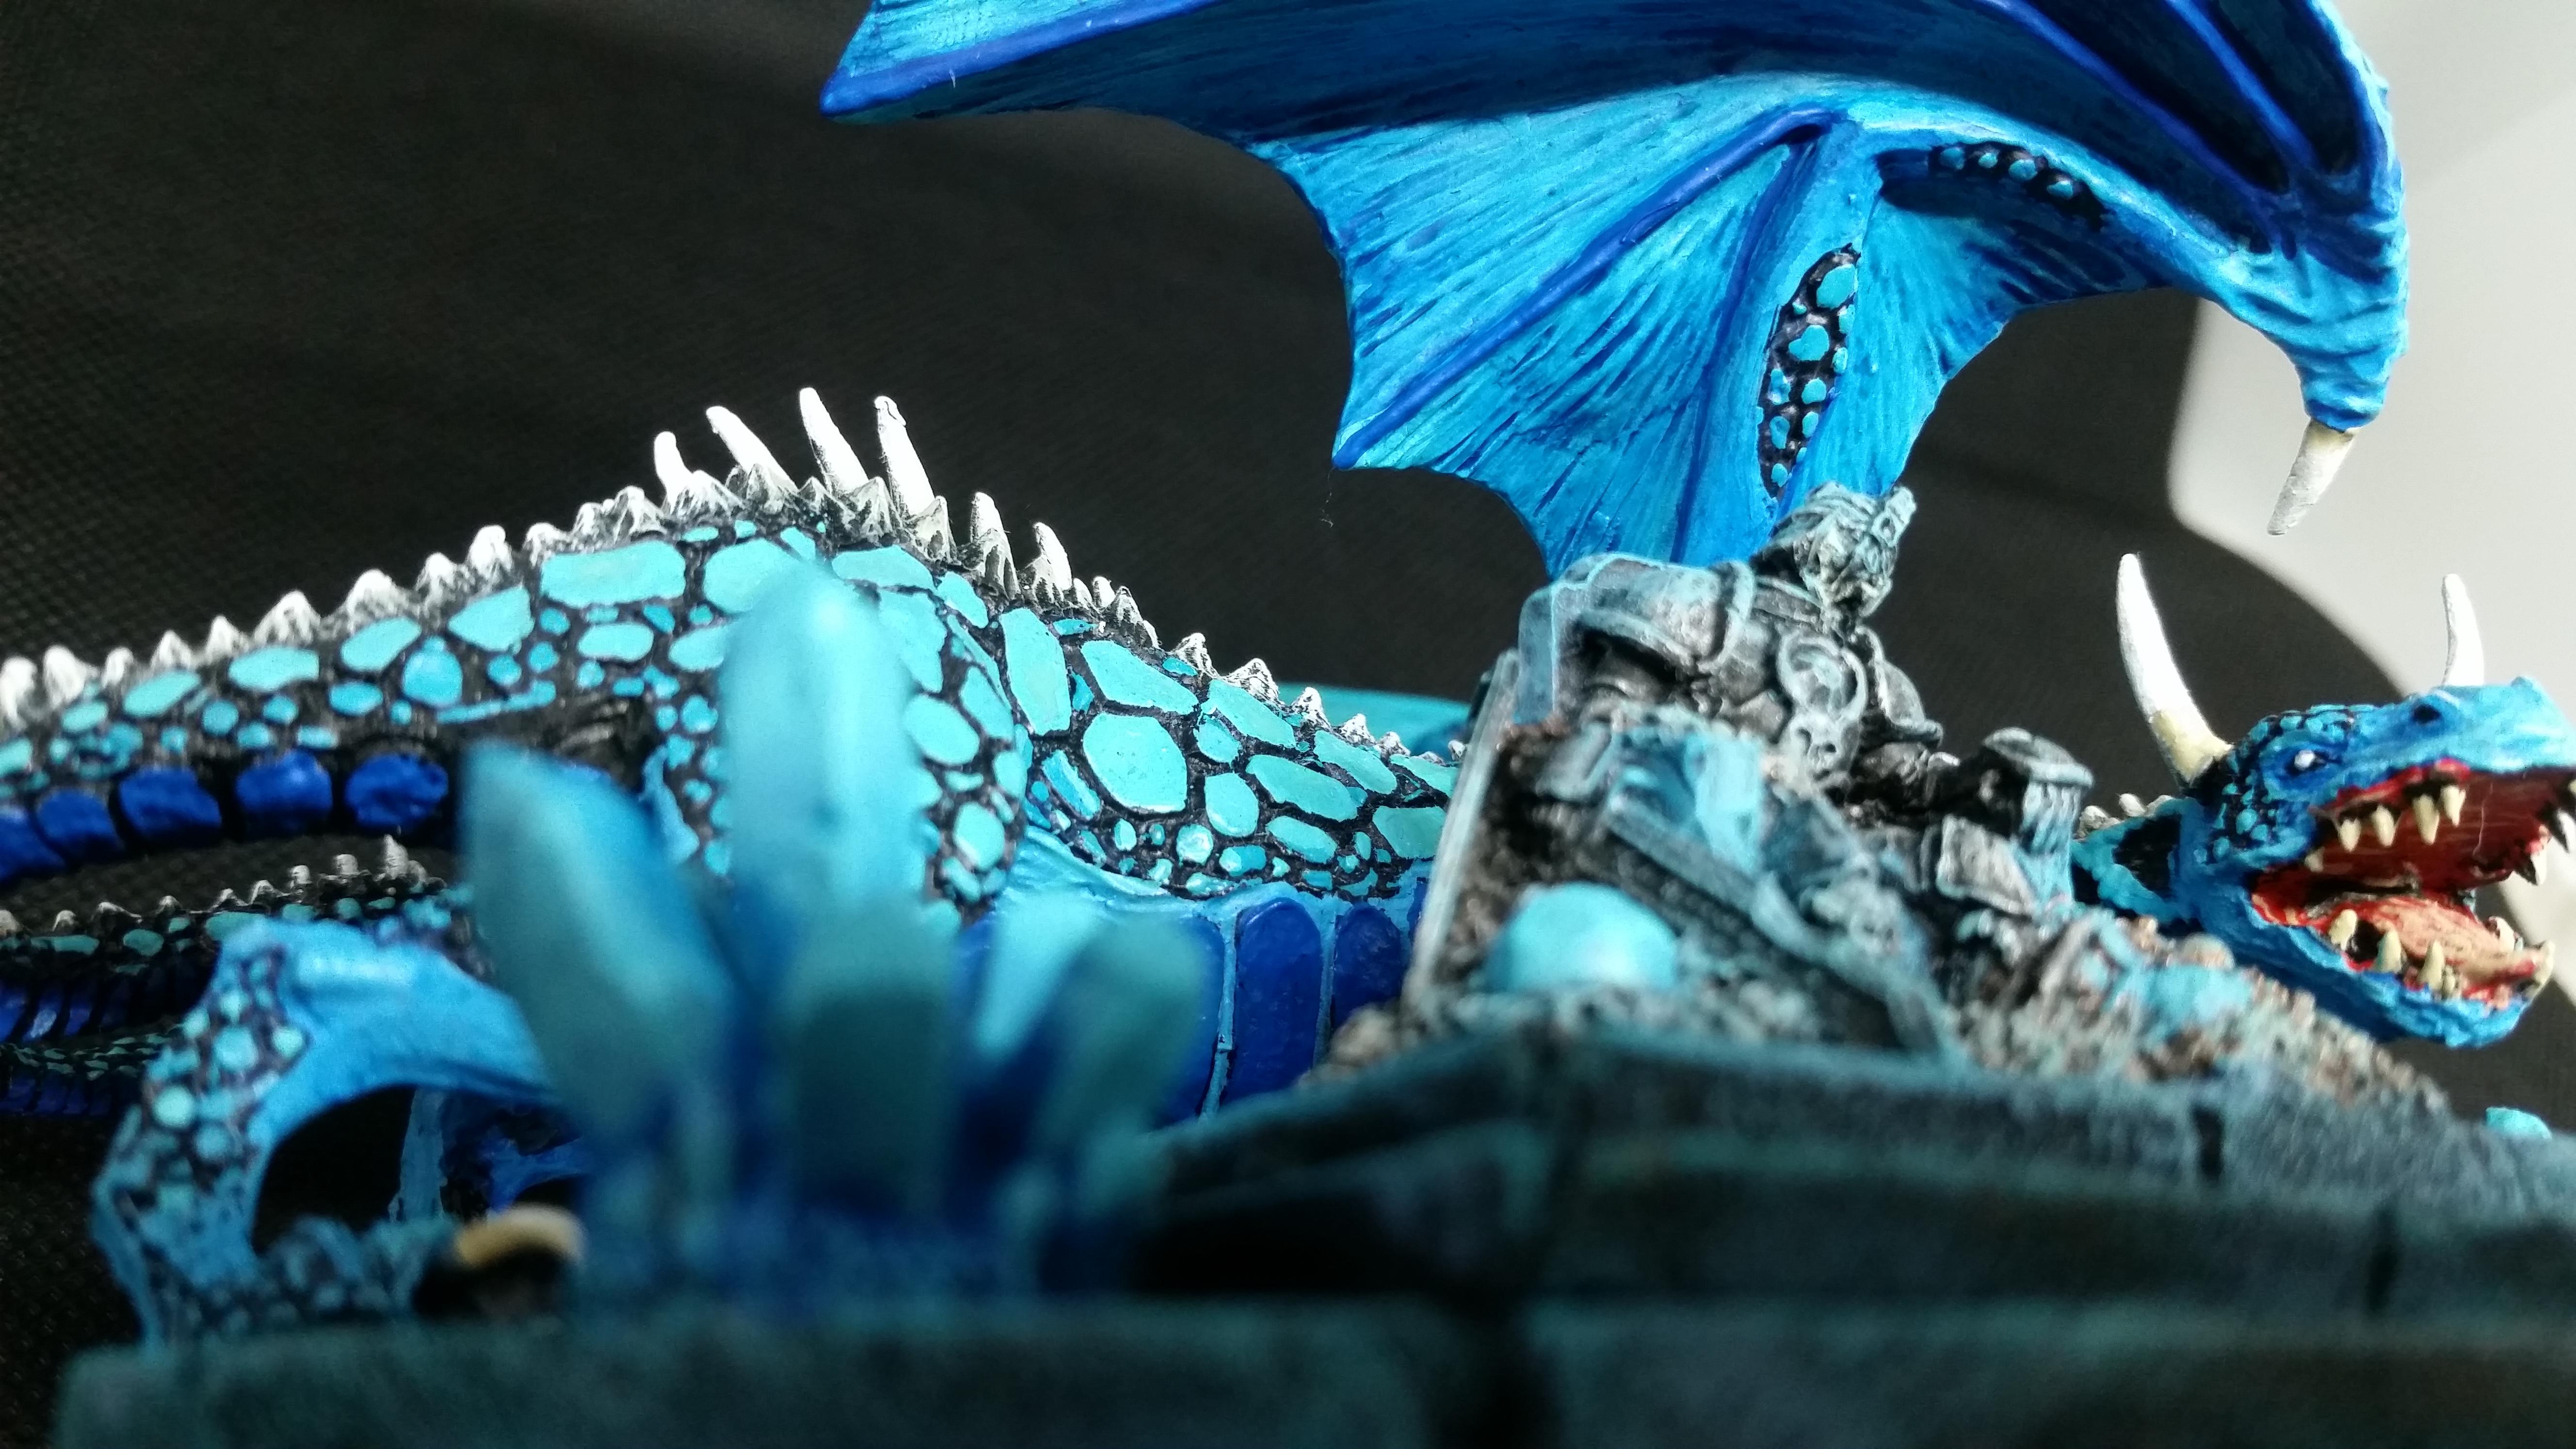 [Andrann i ùan - Confirmé] Le Dragon de Saphyr [Résolu] 2w9xJ